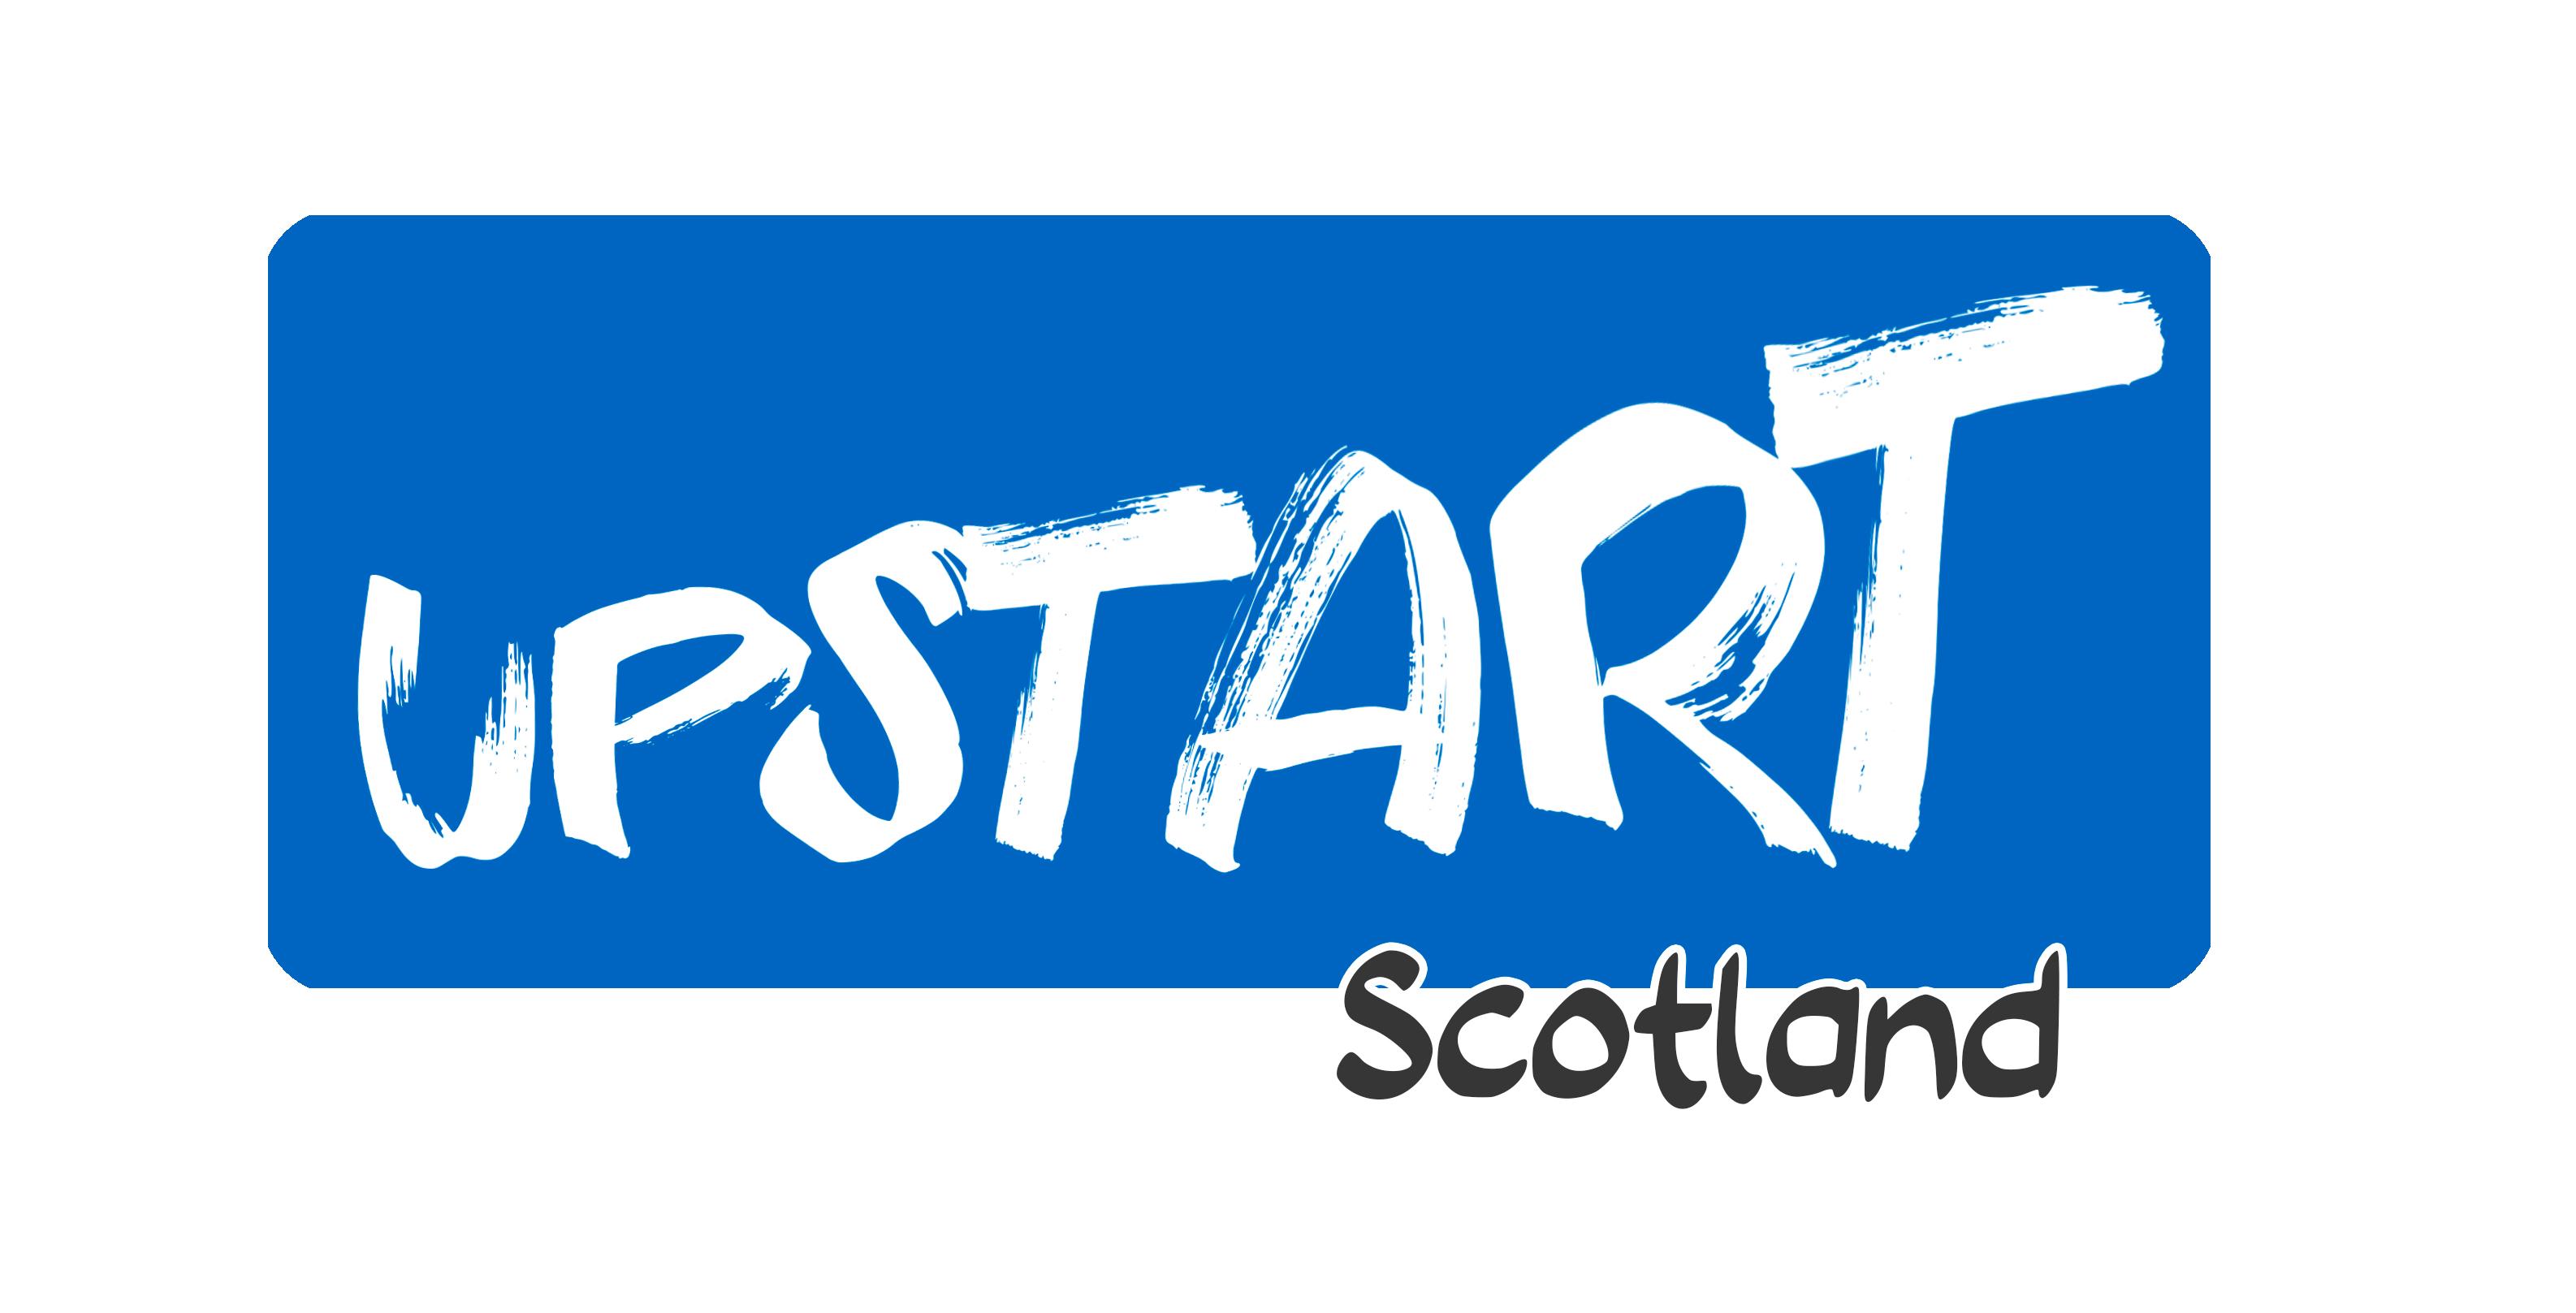 UpstartScotland